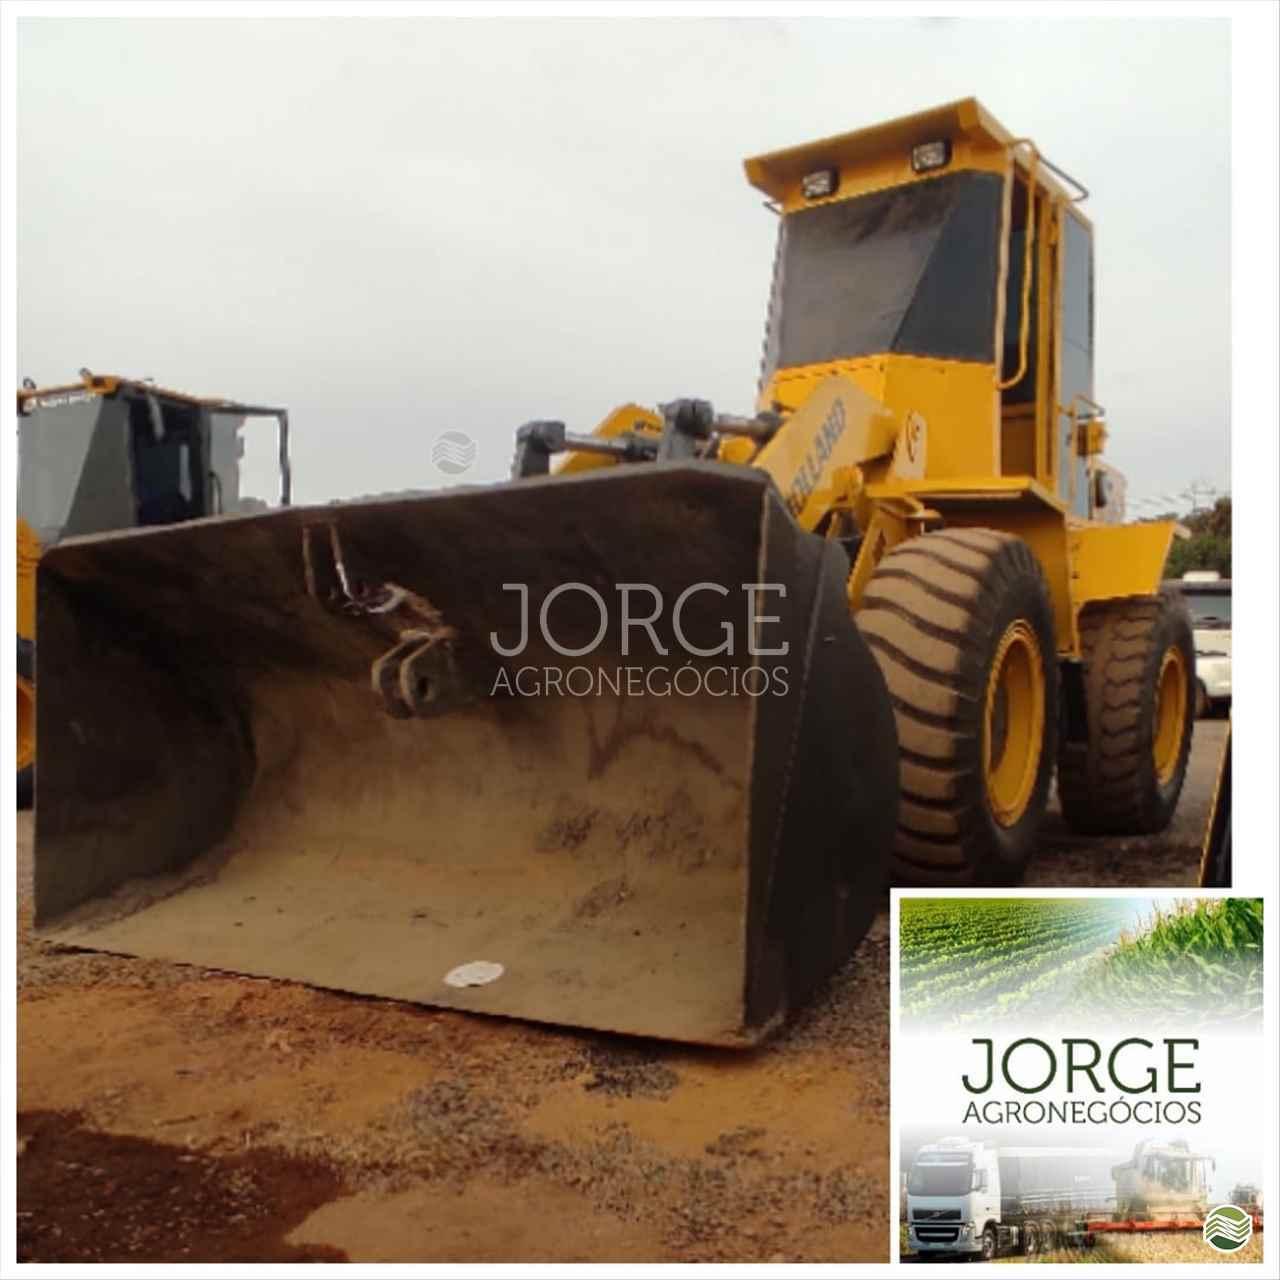 PA CARREGADEIRA NEW HOLLAND 12B Jorge Agronegócios NOVA PONTE MINAS GERAIS MG